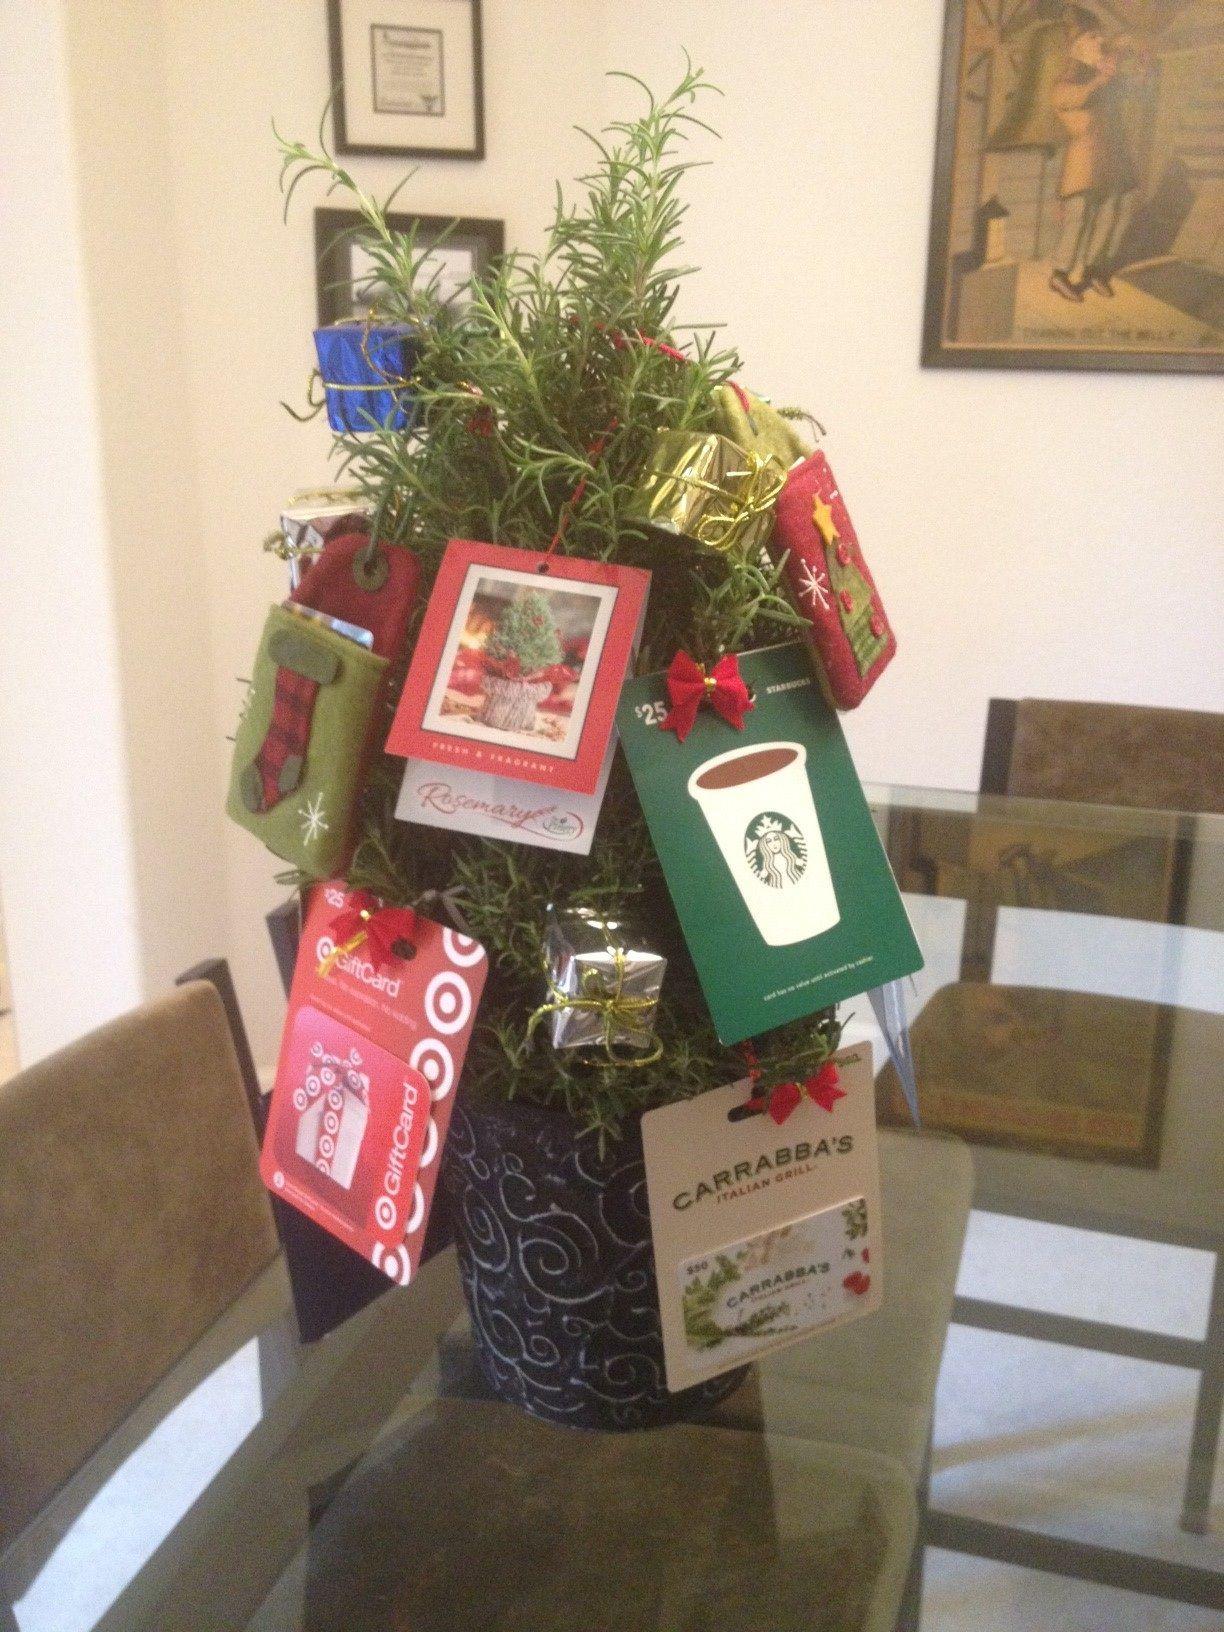 Teacher S Gift Rosemary Gift Card Christmas Tree Tree Gift Rosemary Tree Teacher Gifts